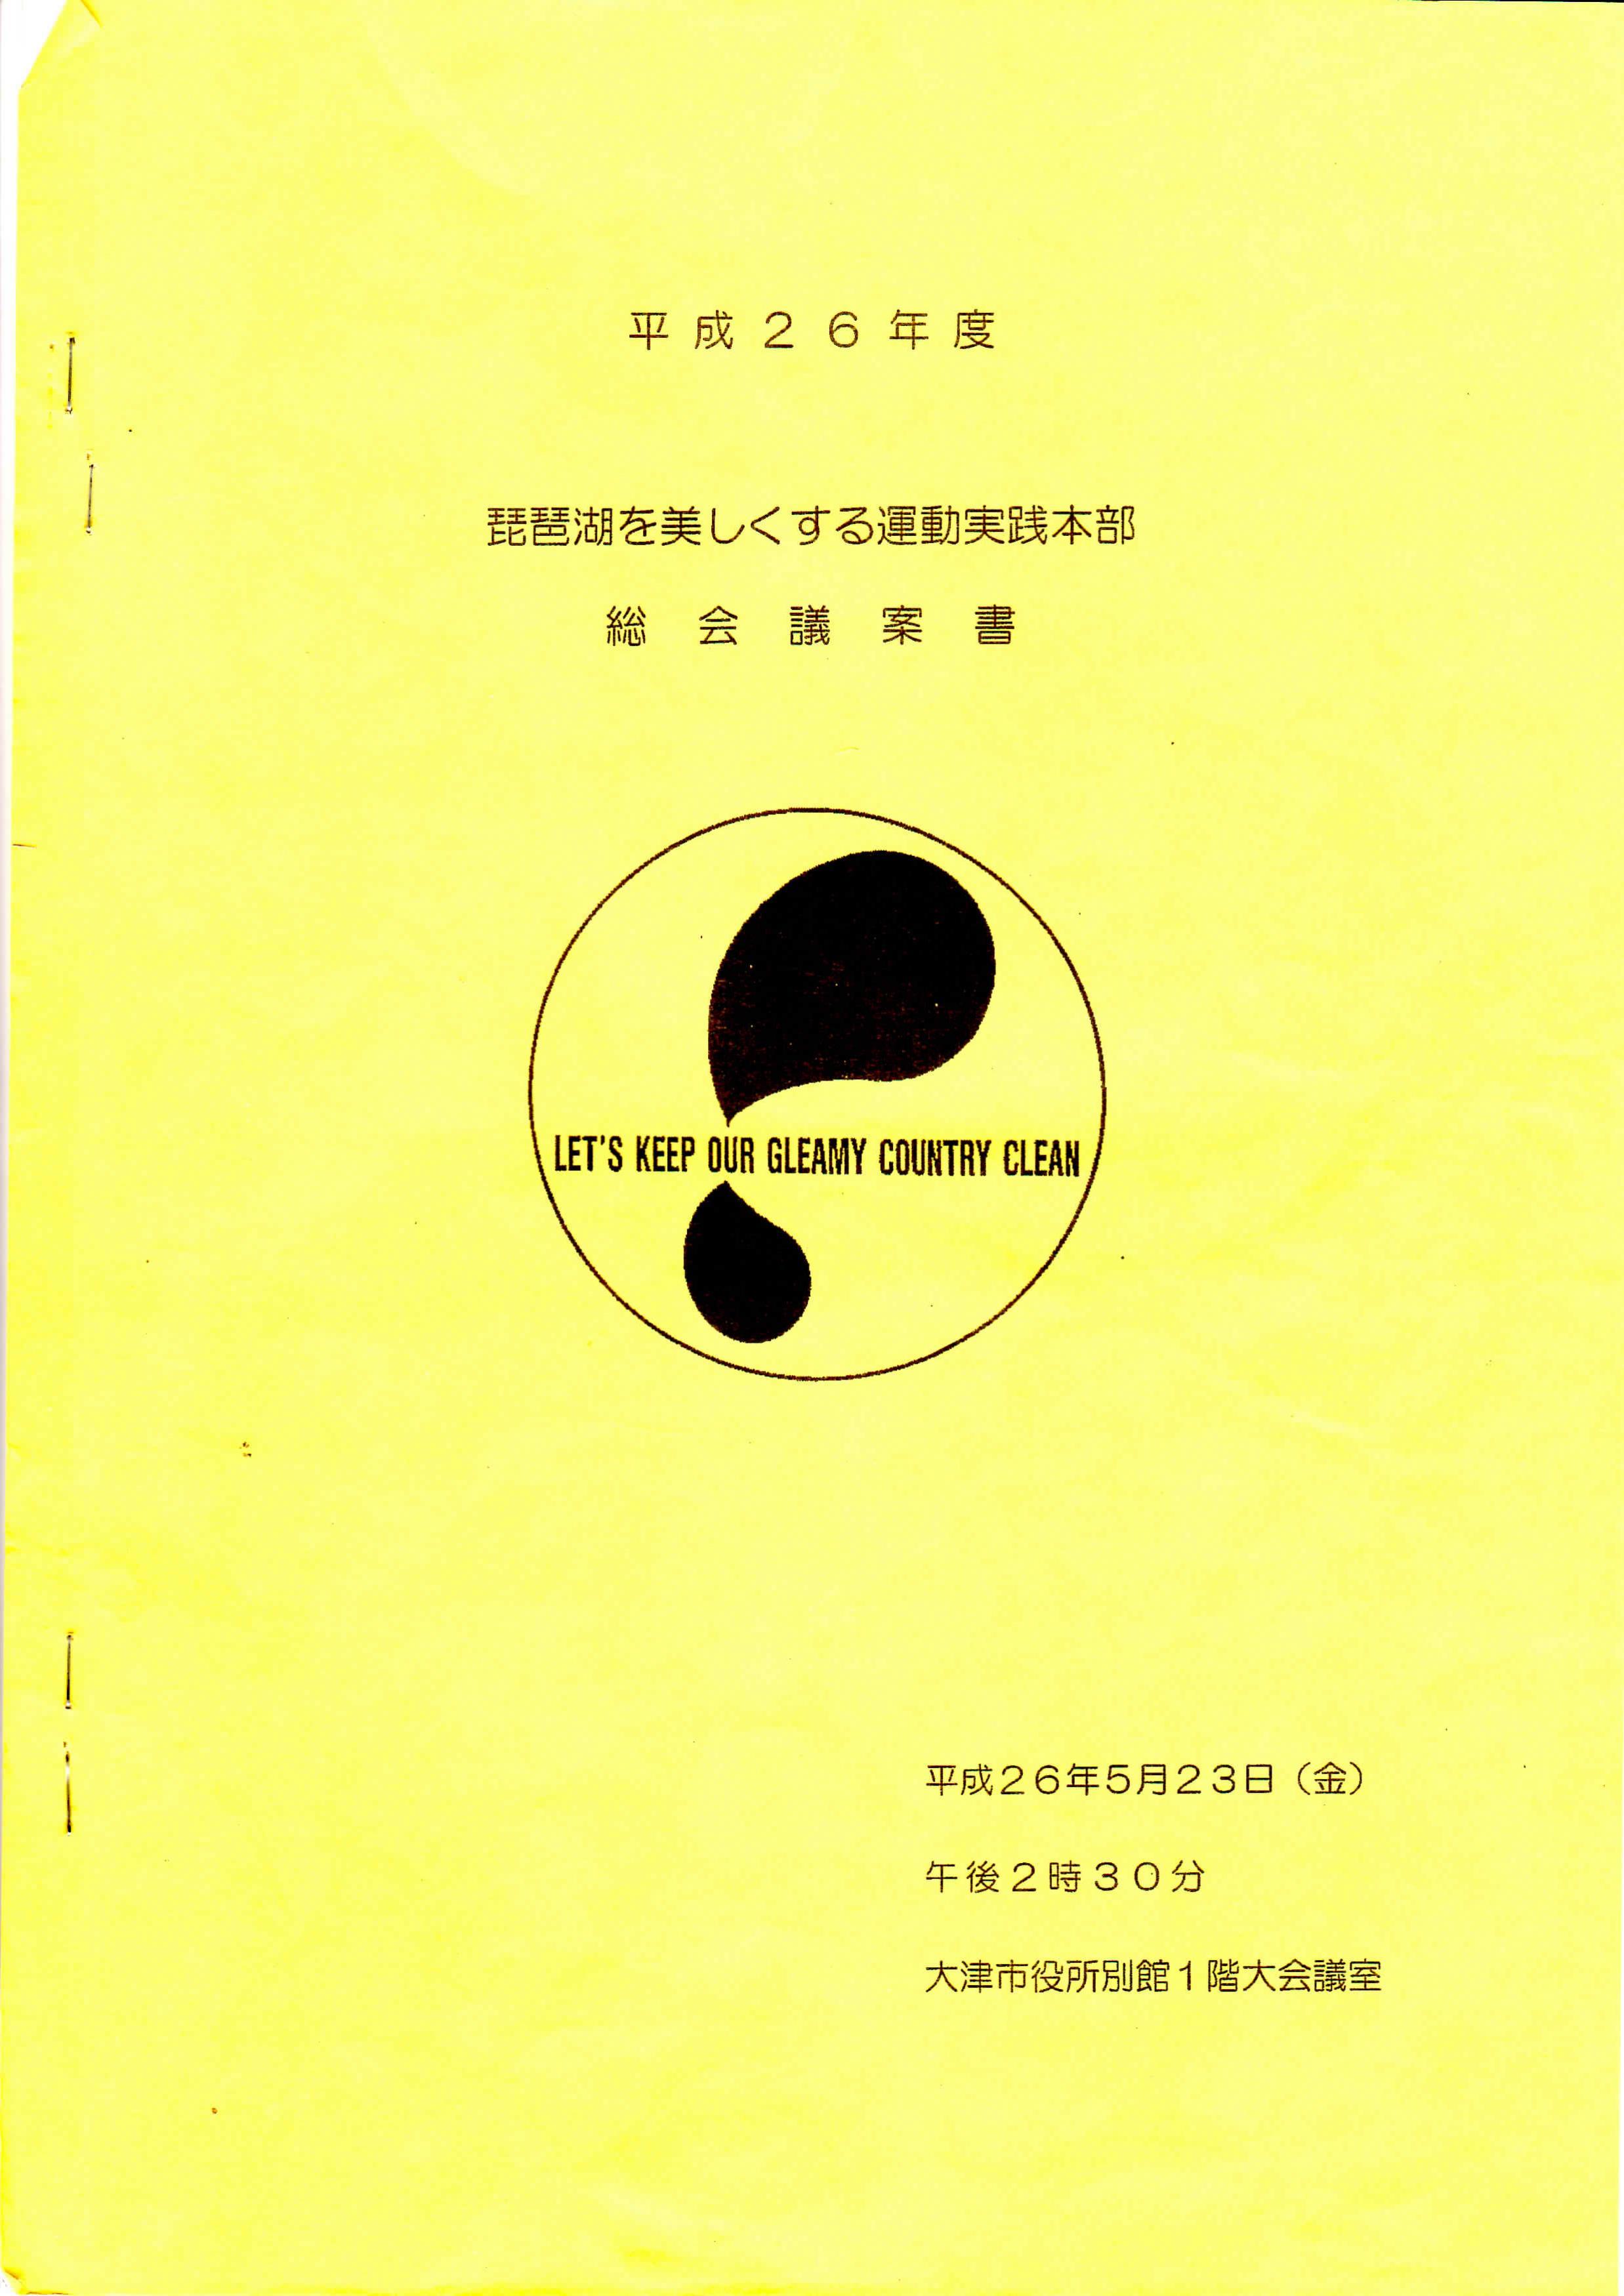 平成26年琵琶湖市民清掃の総会資料(表紙)